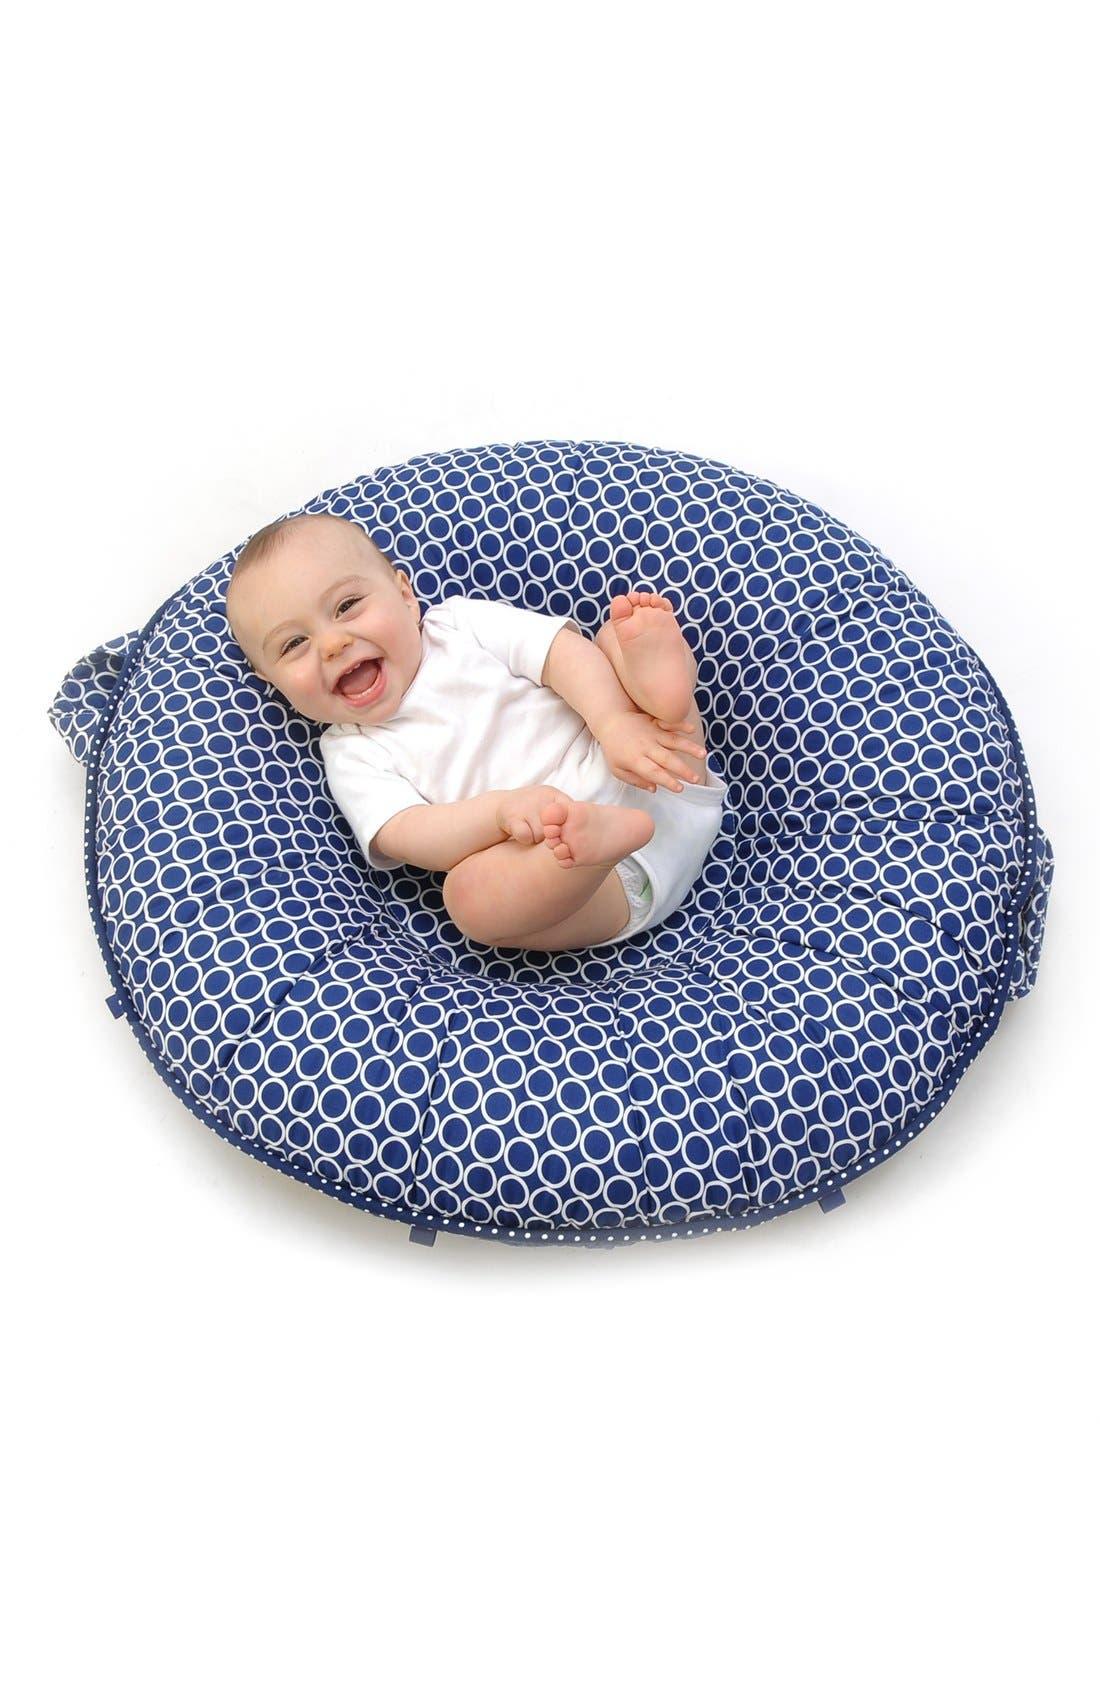 PELLO 'Nathan' Portable Floor Pillow